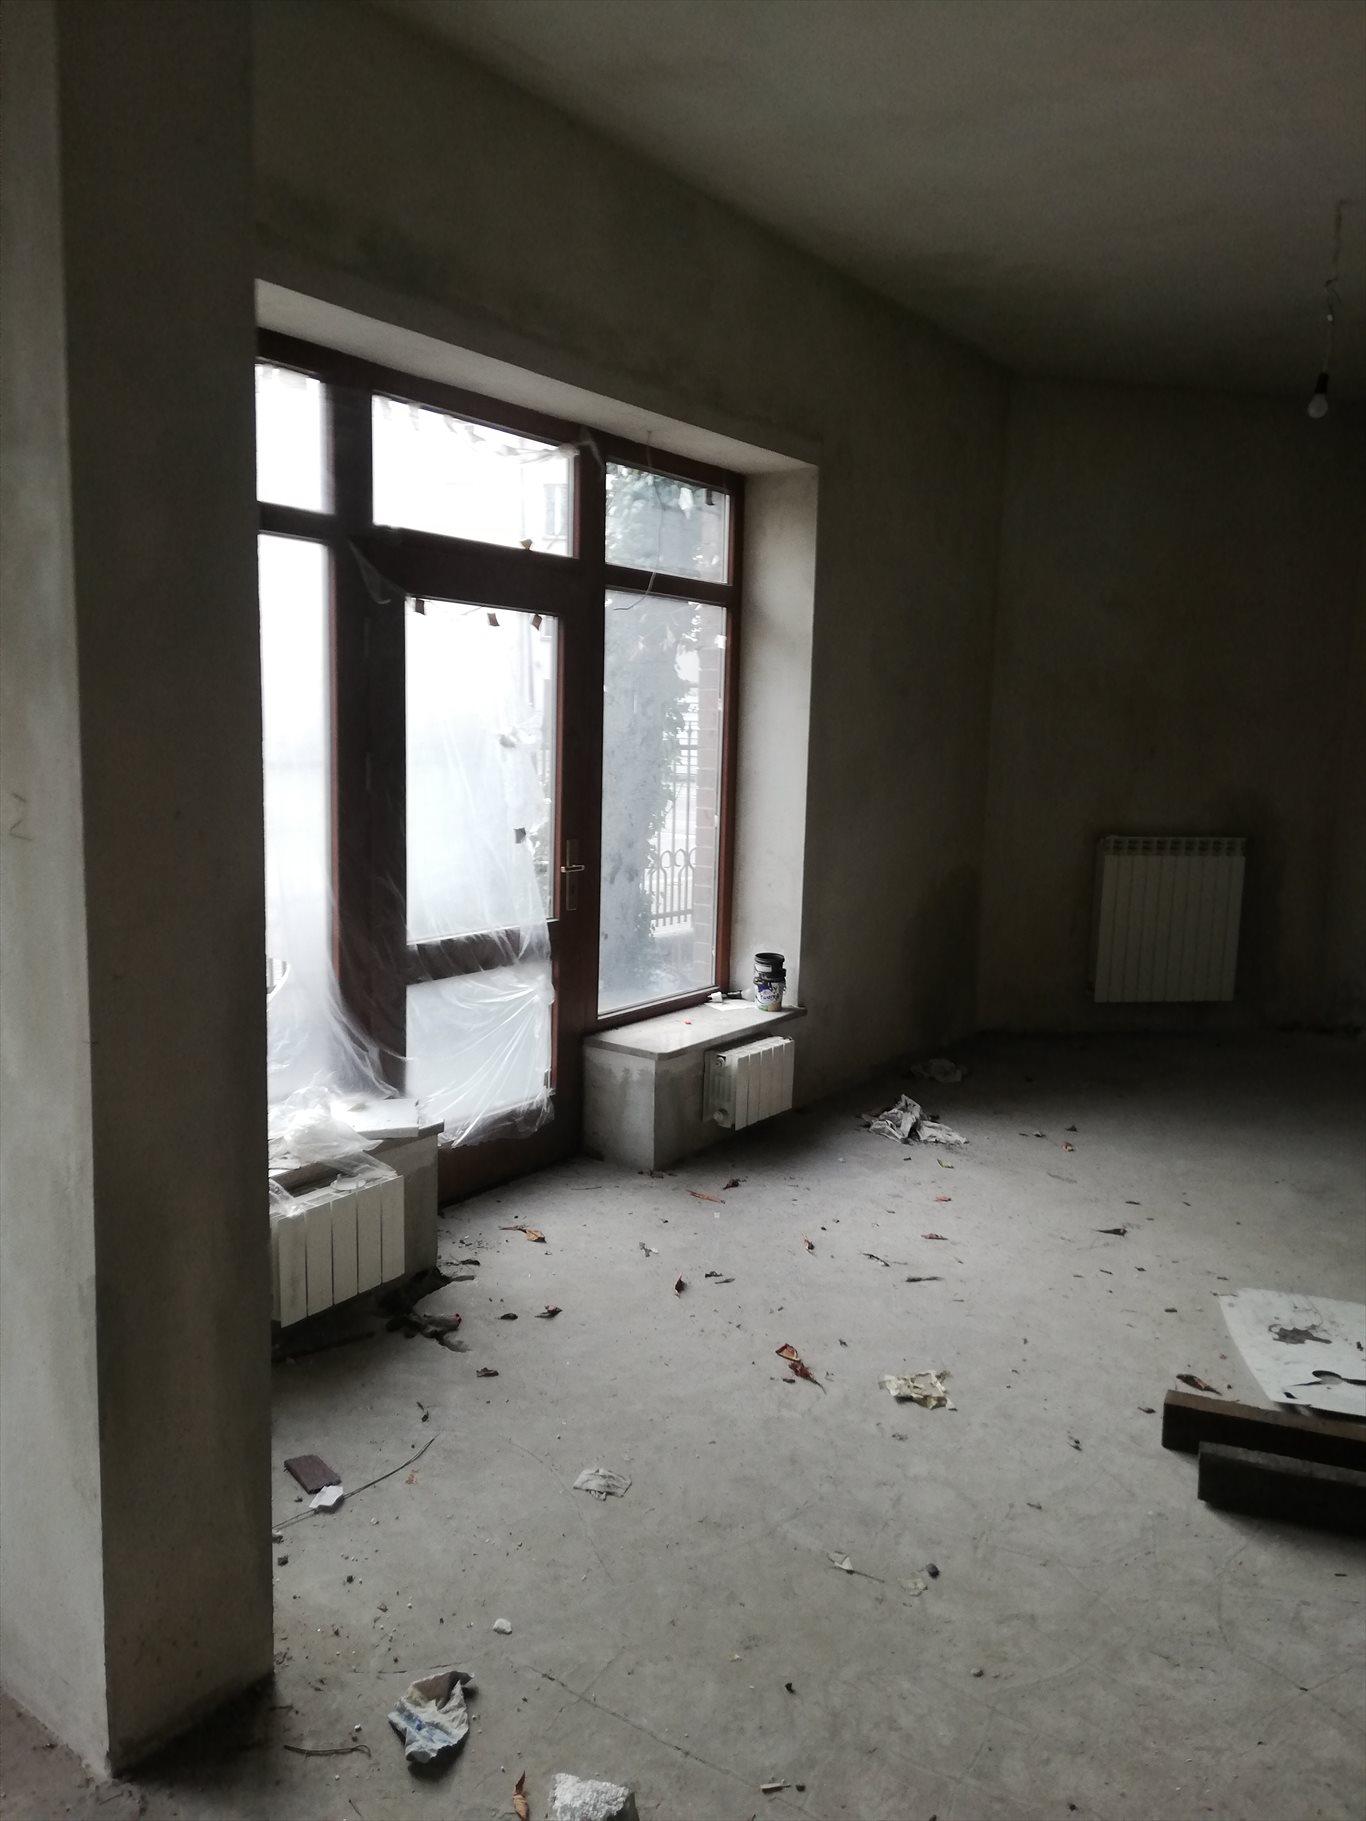 Lokal użytkowy na wynajem Sosnowiec, Śródmieście  100m2 Foto 3